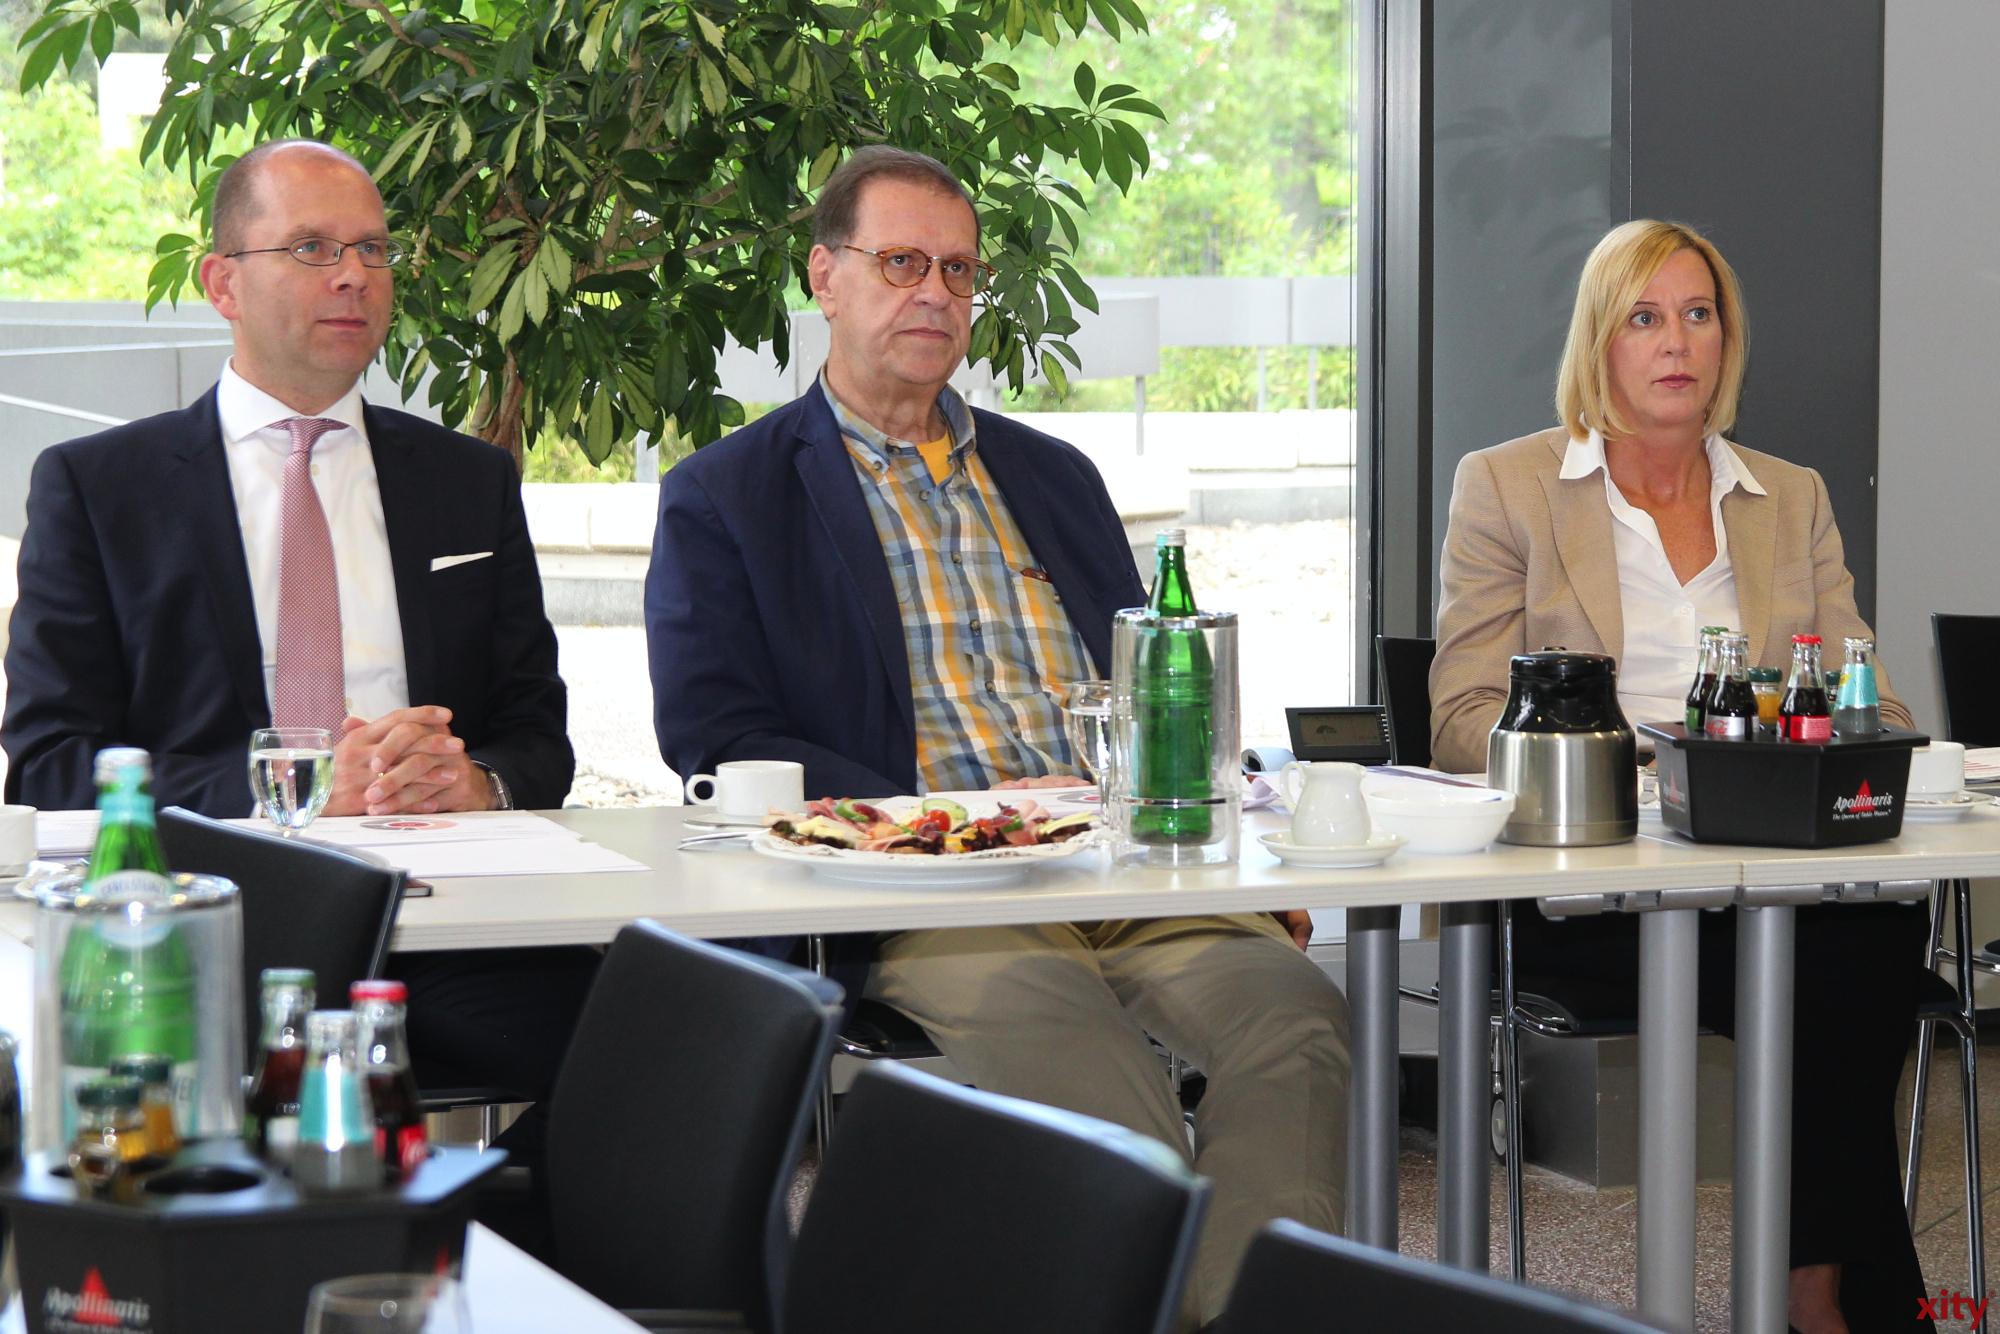 Die lekker Energie GmbH erzeugt nach Komplettübernahme deutlich positivere Ergebnisse(Foto: xity)